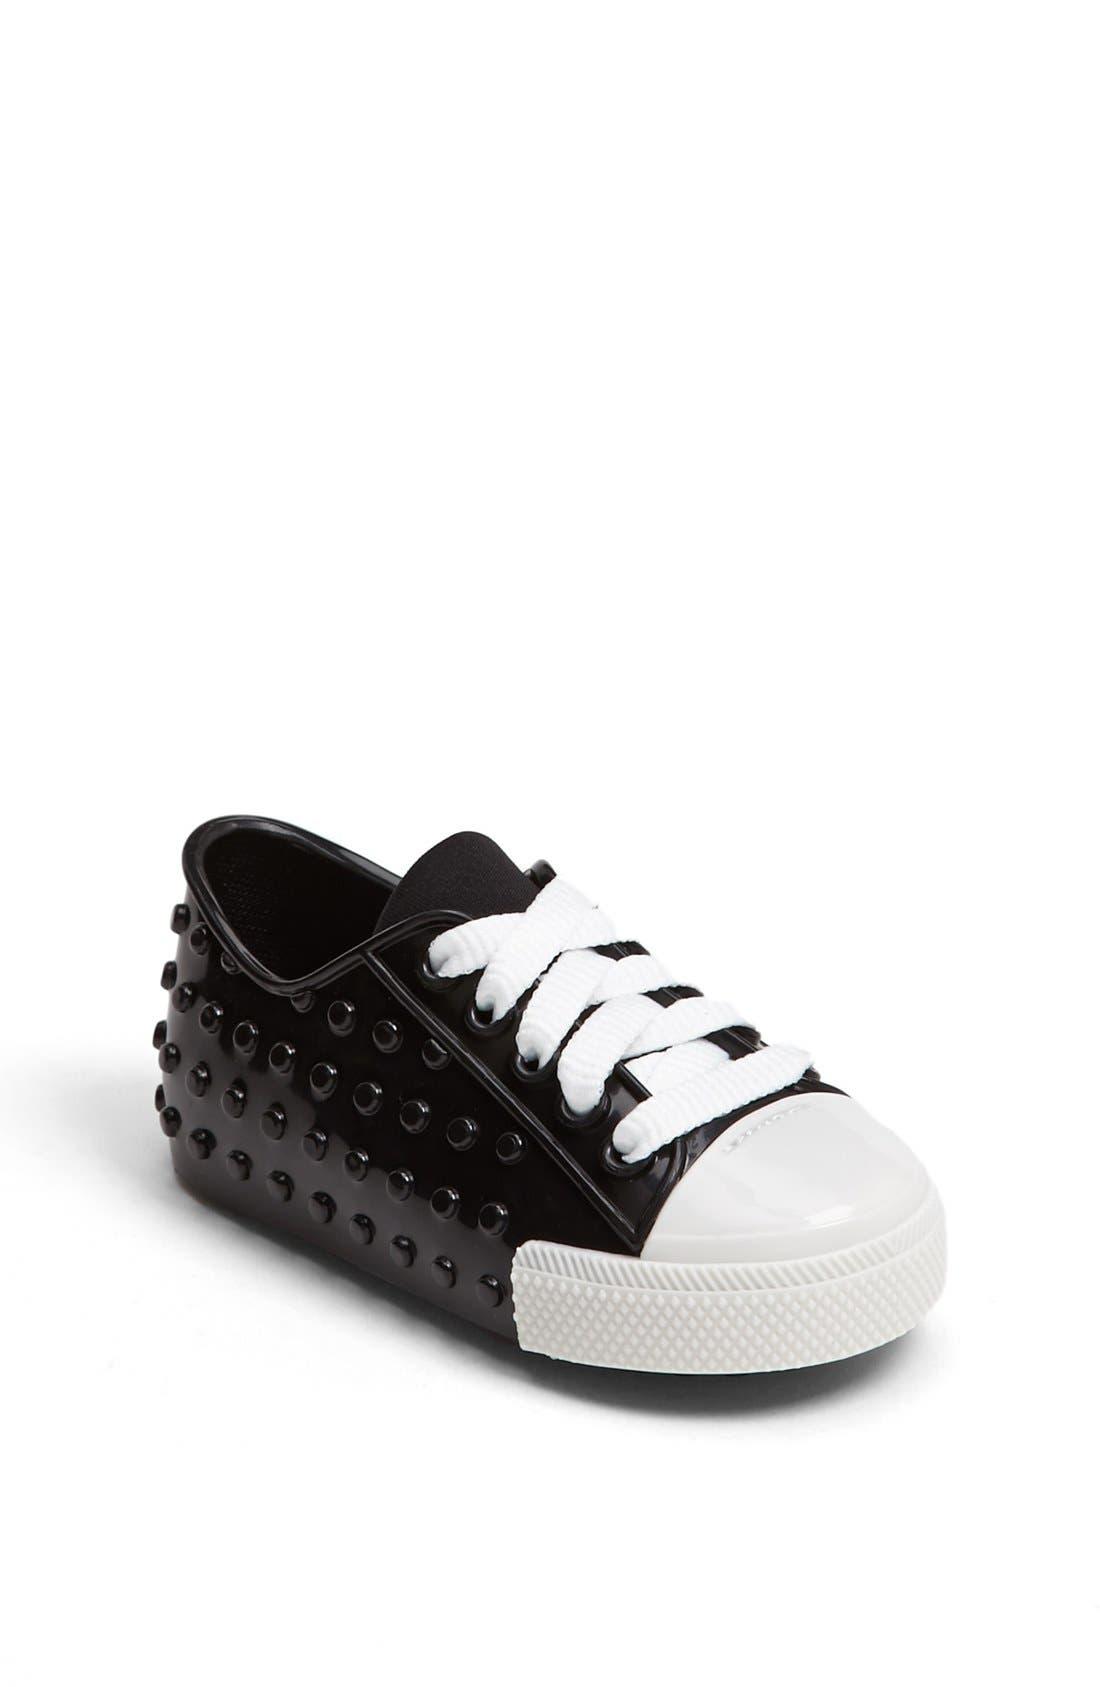 Alternate Image 1 Selected - Mini Melissa 'Polibolha' Sneaker (Walker & Toddler)